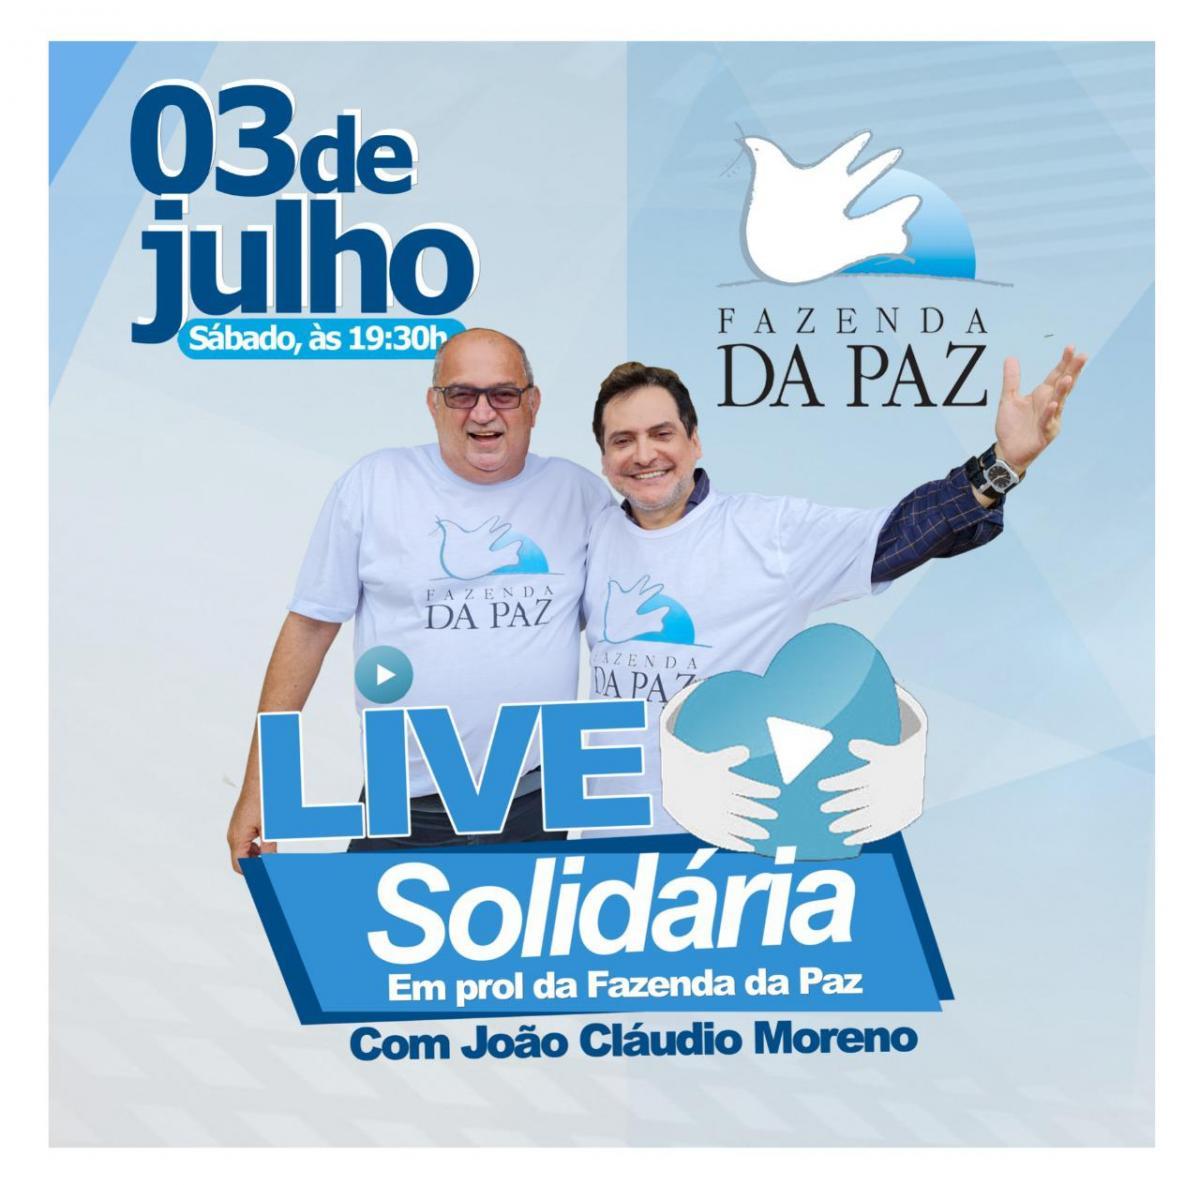 João Cláudio Moreno fará live solidária para ajudar Fazenda da Paz